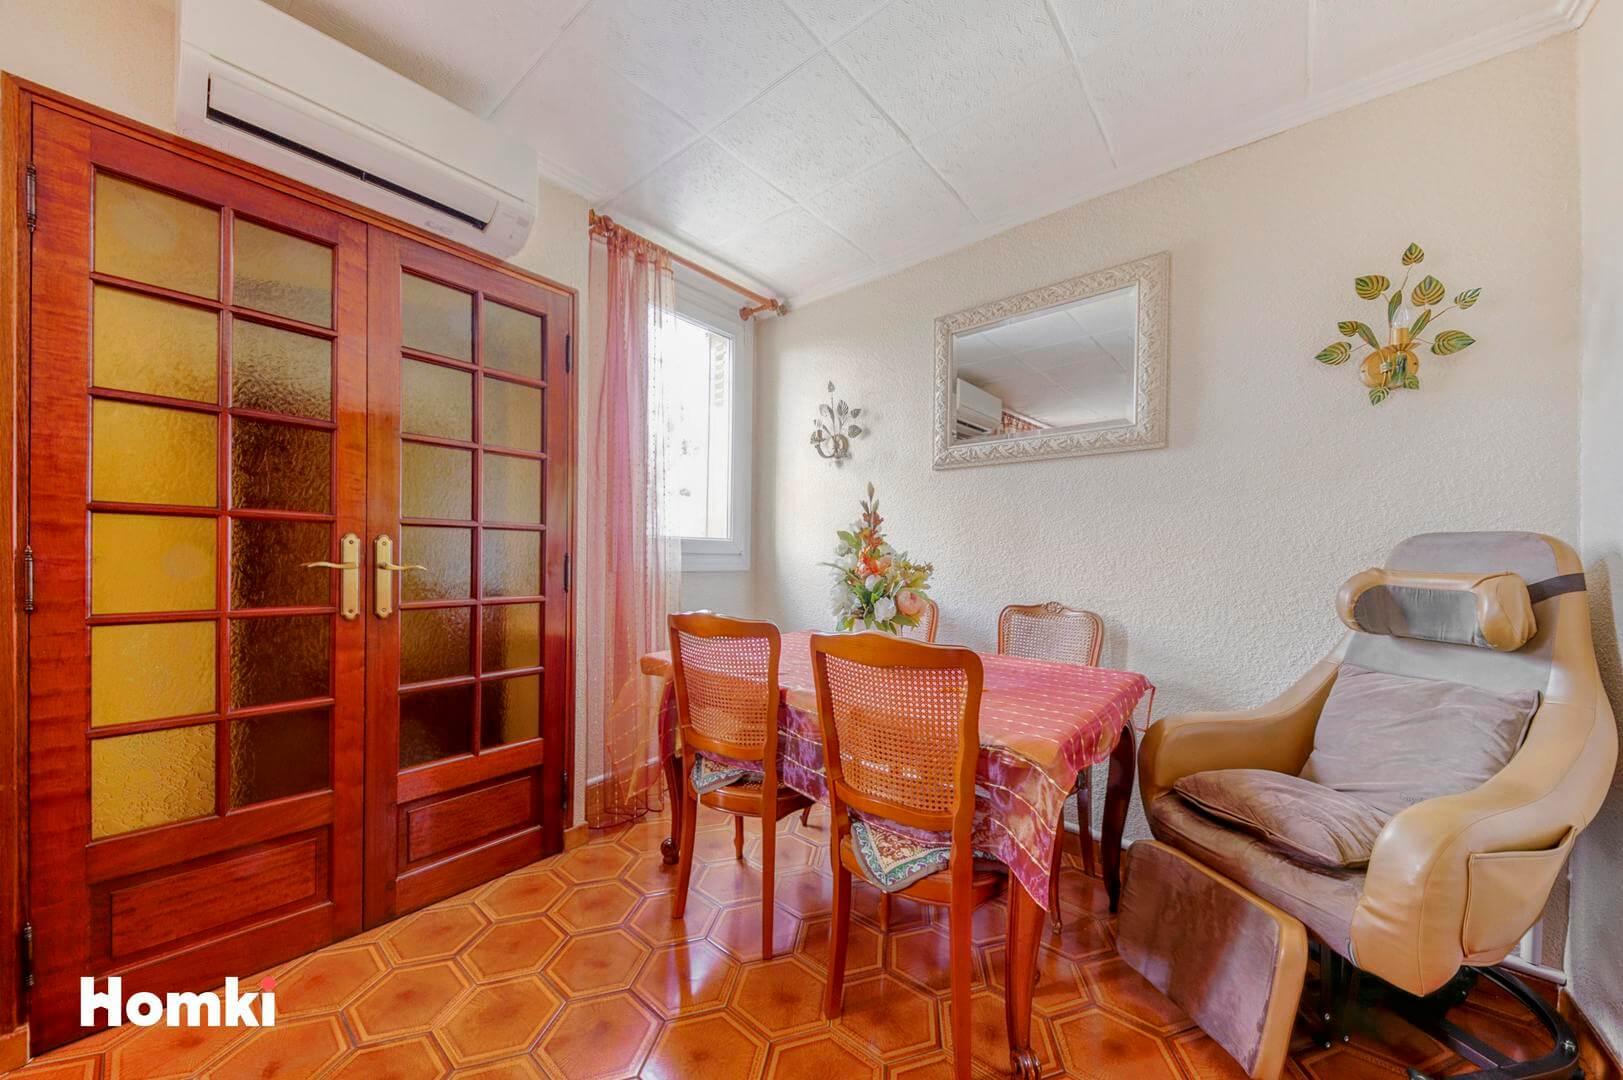 Homki - Vente Maison/villa  de 80.0 m² à Marseille 13015